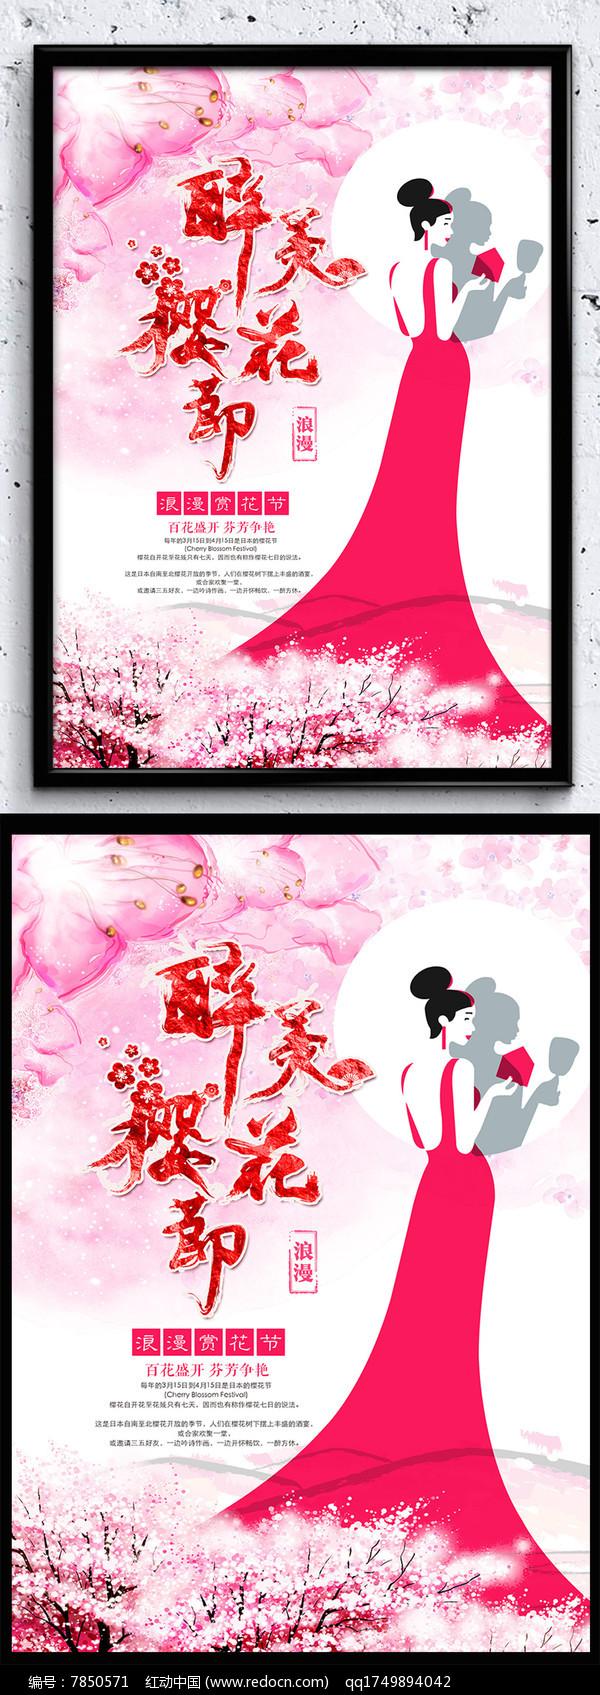 浪漫樱花节海报设计图片